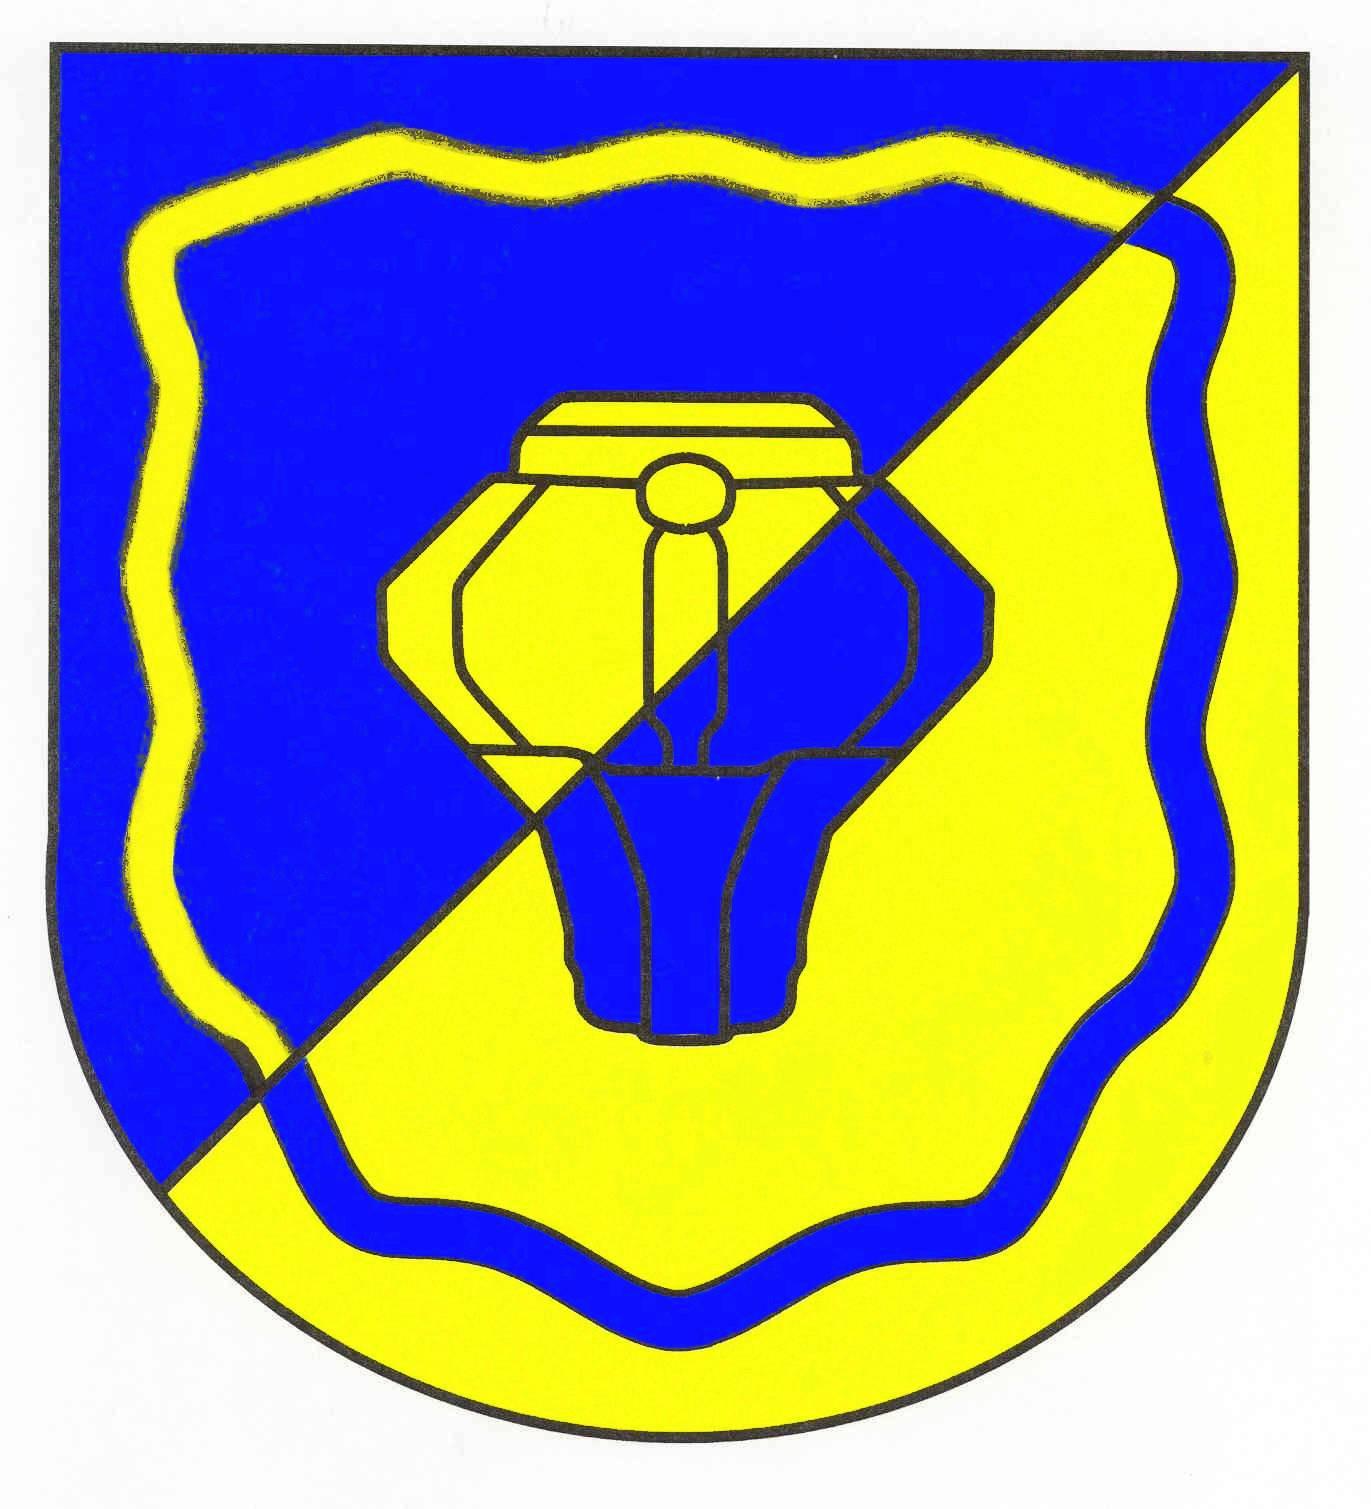 Wappen GemeindeTwedt, Kreis Schleswig-Flensburg